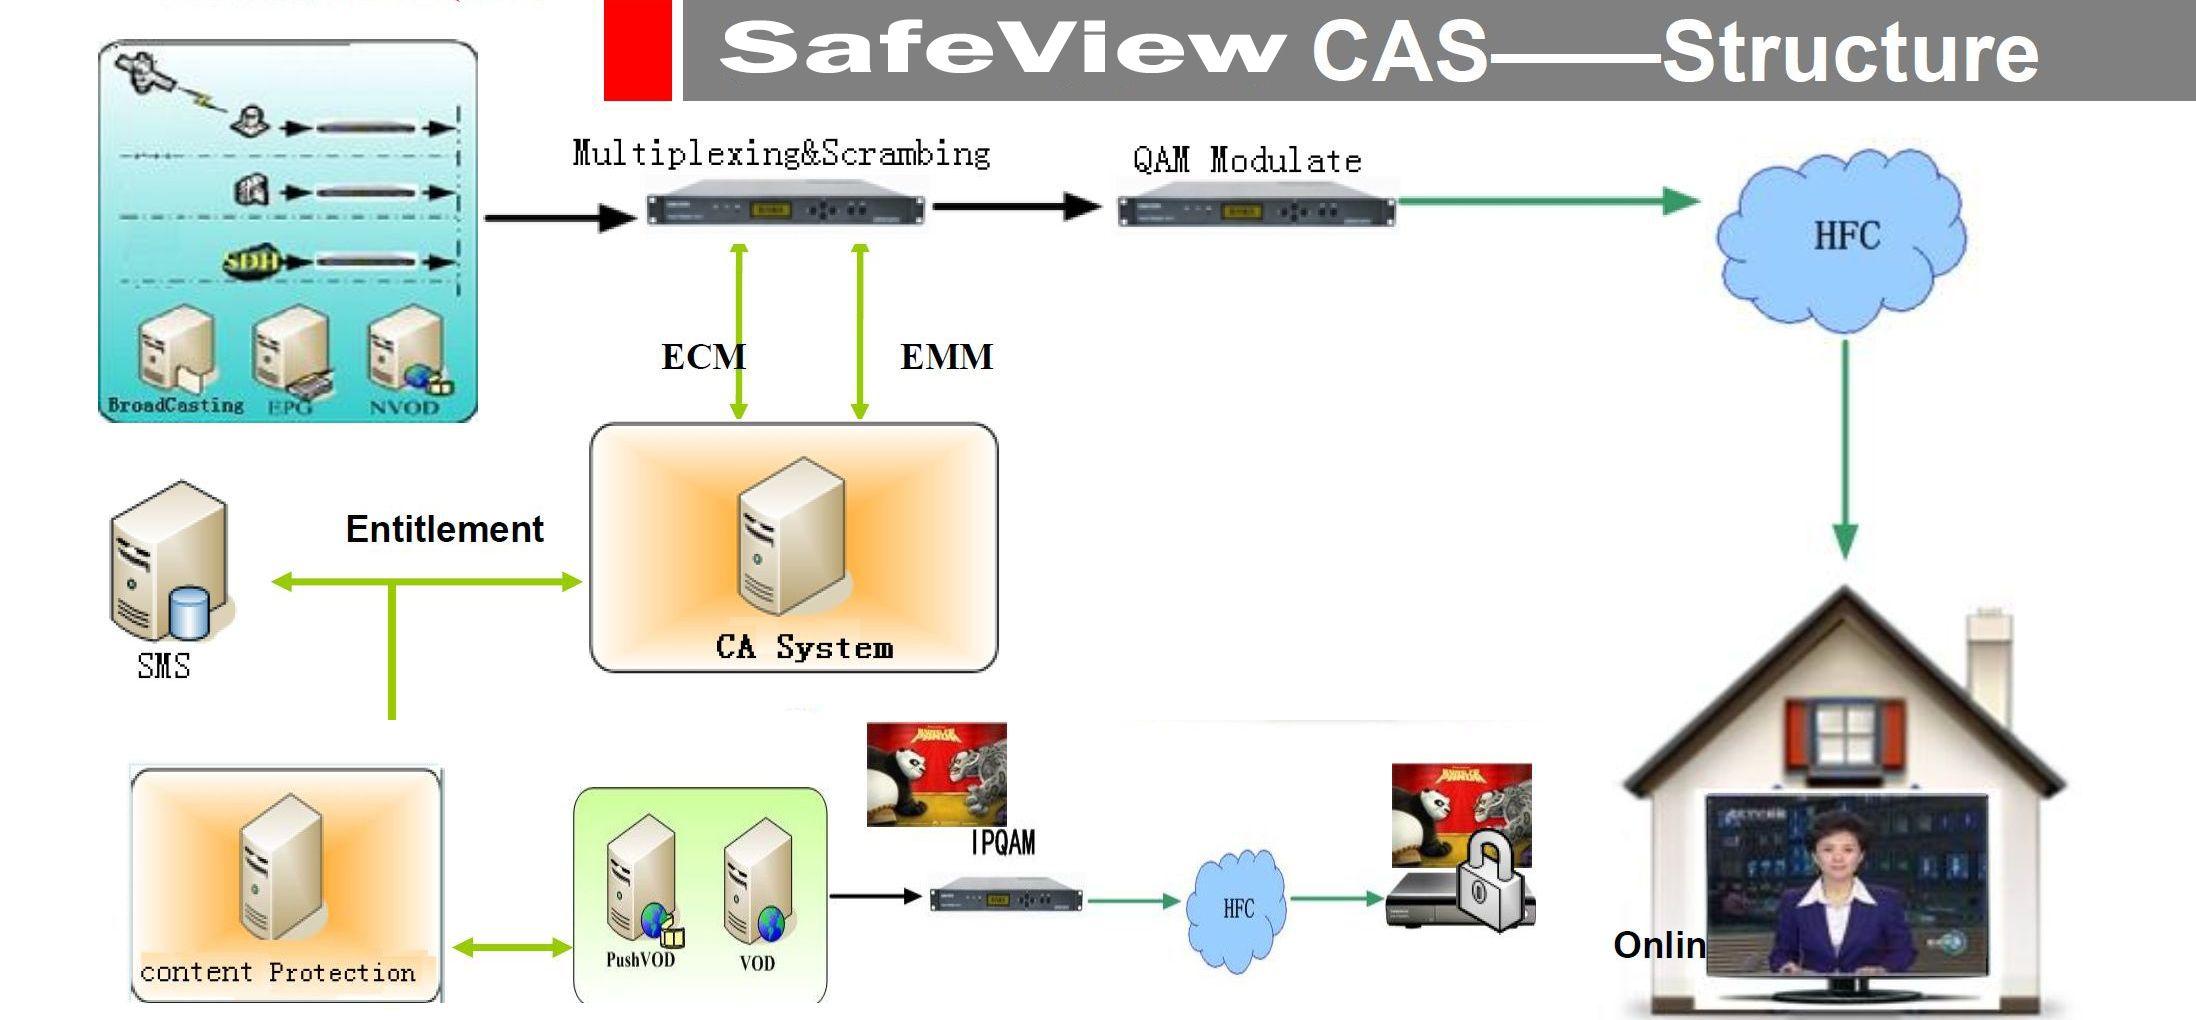 Структура системы услвоного доступа SafeView CAS